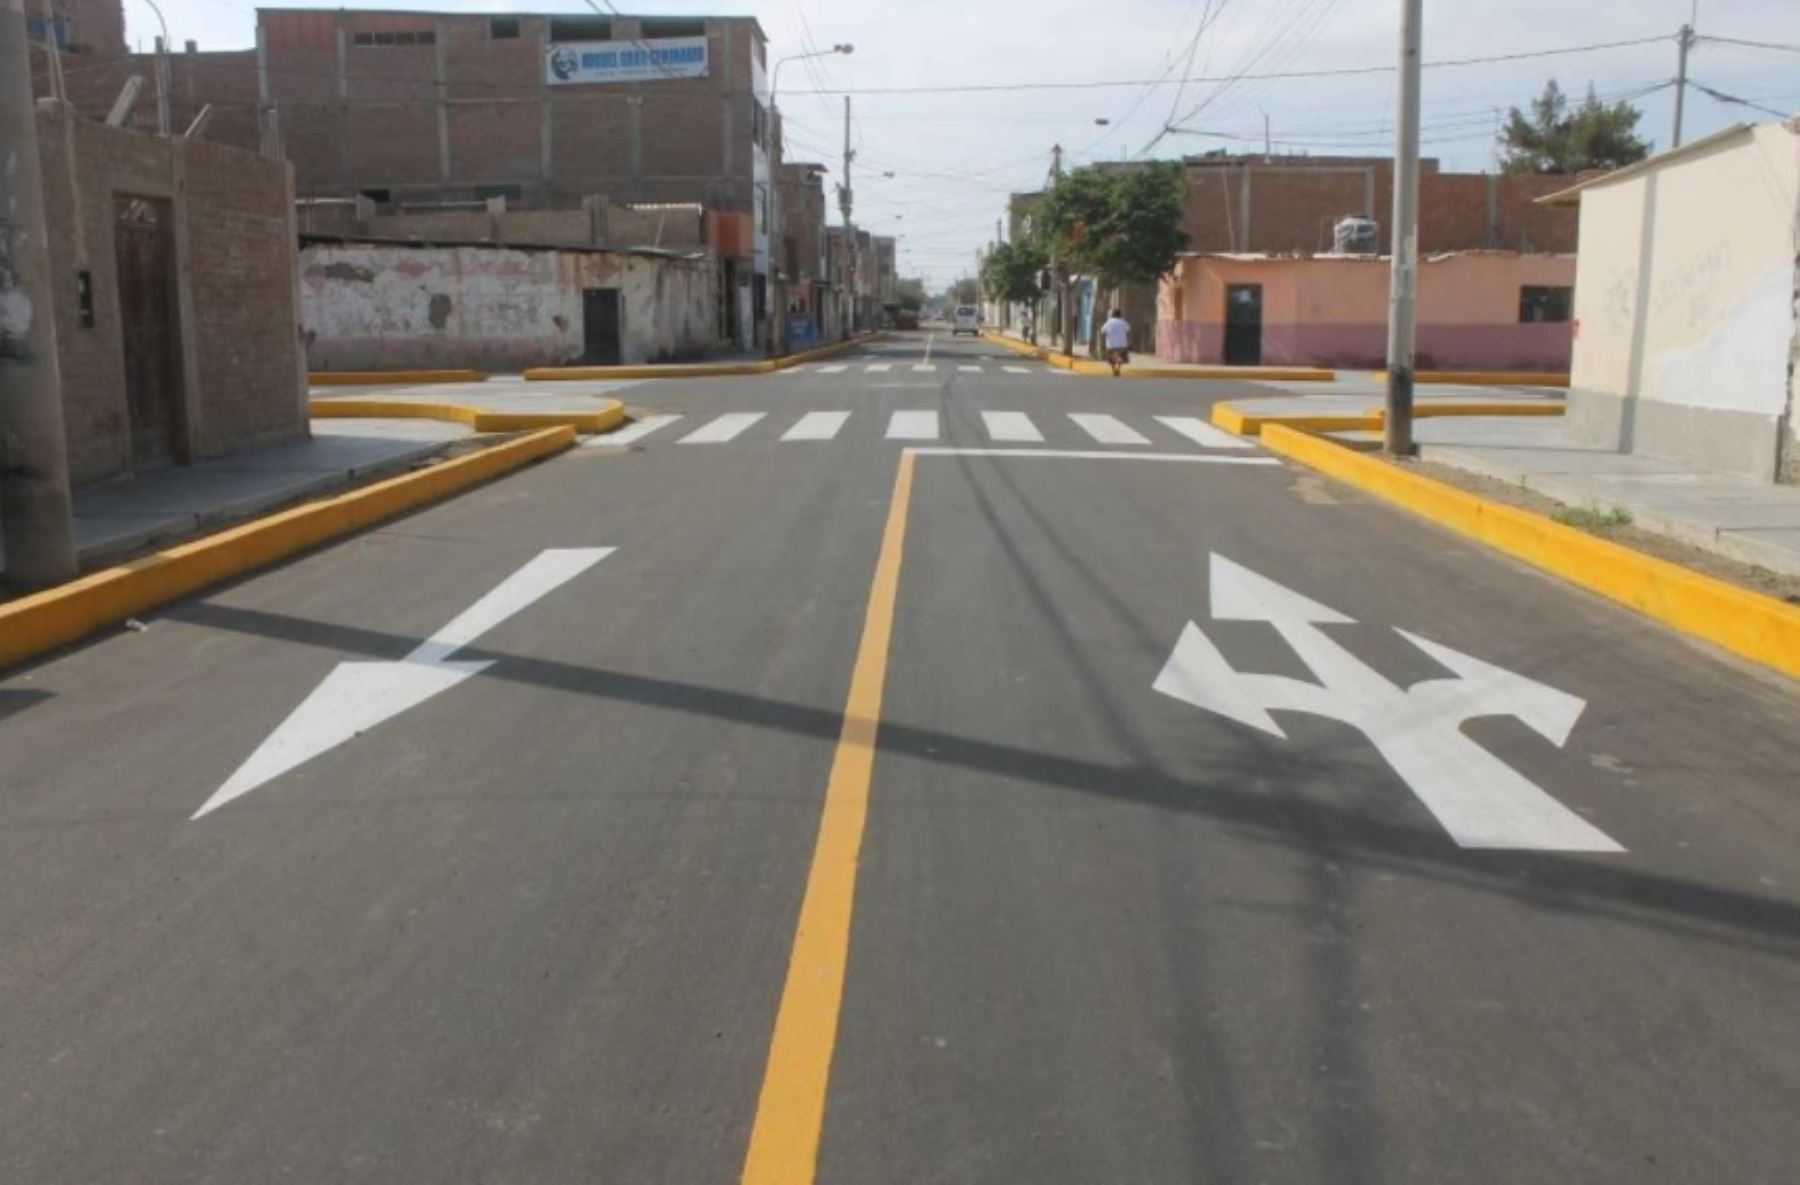 La municipalidad distrital de La Victoria, a través de su Gerencia de Desarrollo Urbano, ejecutará un paquete de obras de pavimentación con una inversión de 3.5 millones soles, con recursos propios, informó el alcalde Anselmo Lozano.